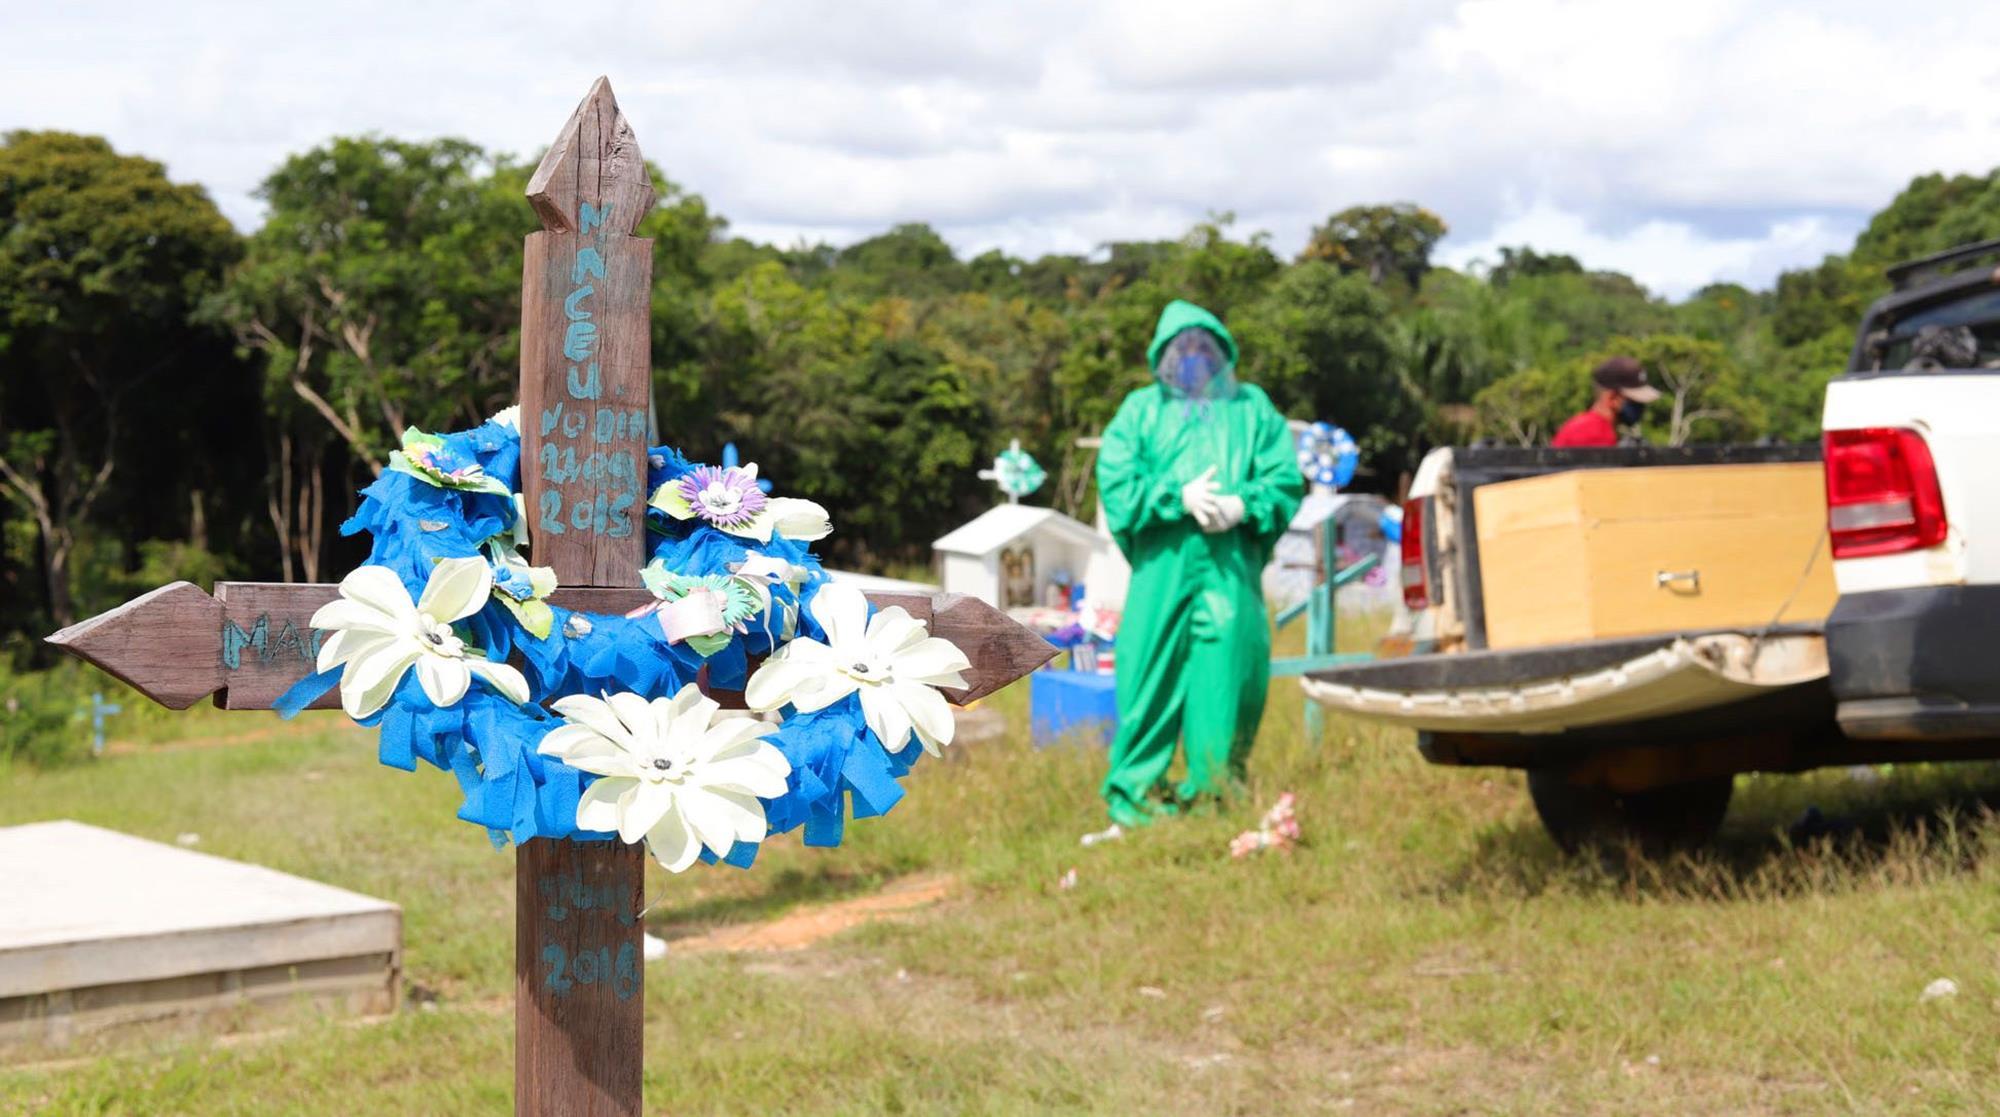 morte, covid, cemitério, ,  Paulo Desana/Dabakuri/Amazônia Real - fotos públicas